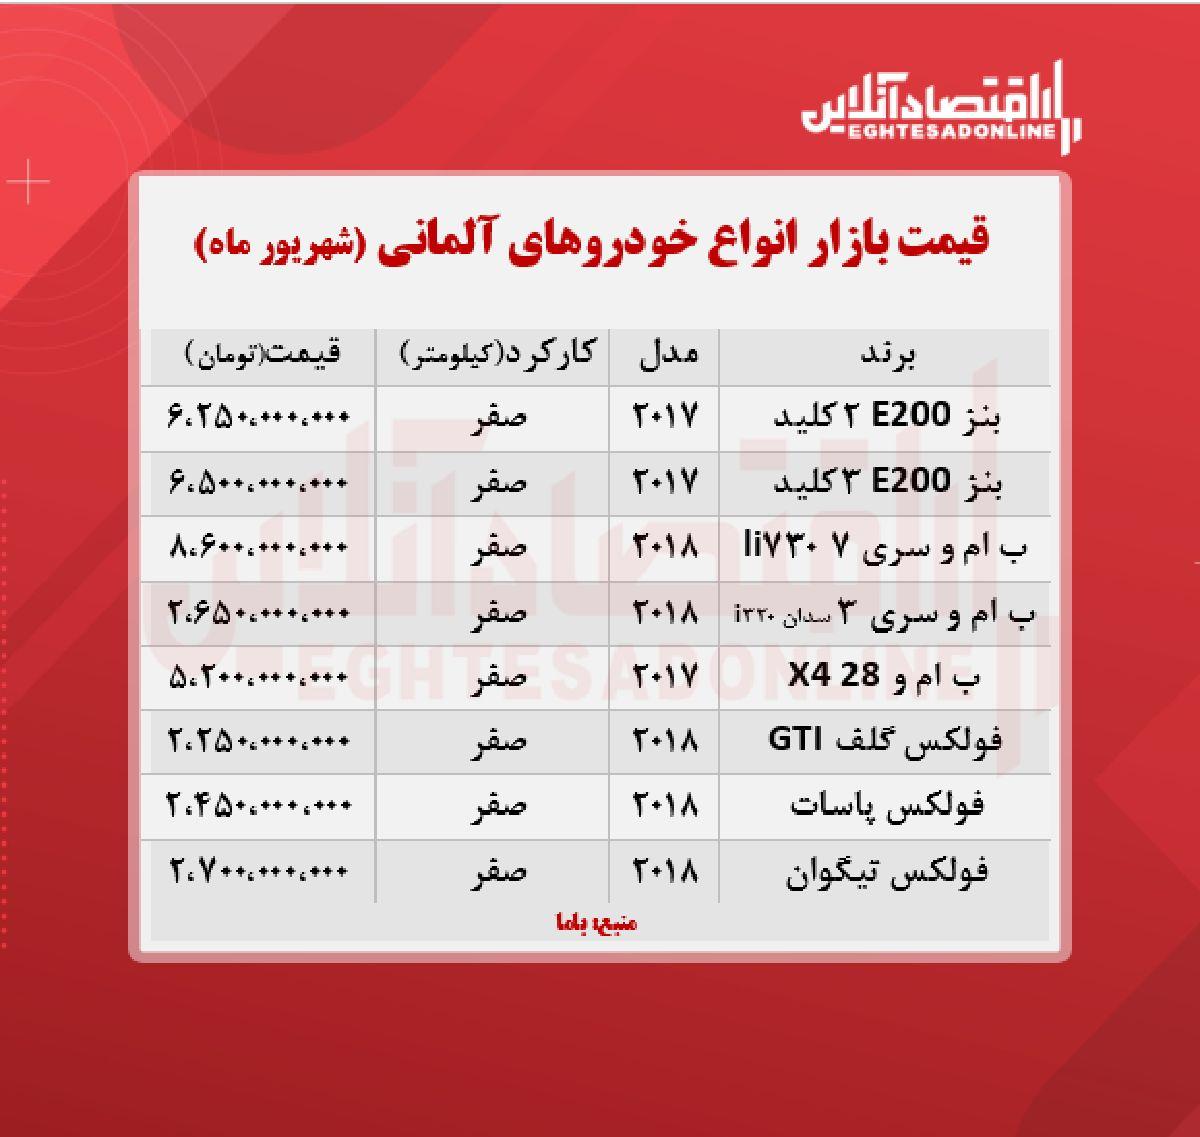 قیمت خودروهای آلمانی در تهران + جدول